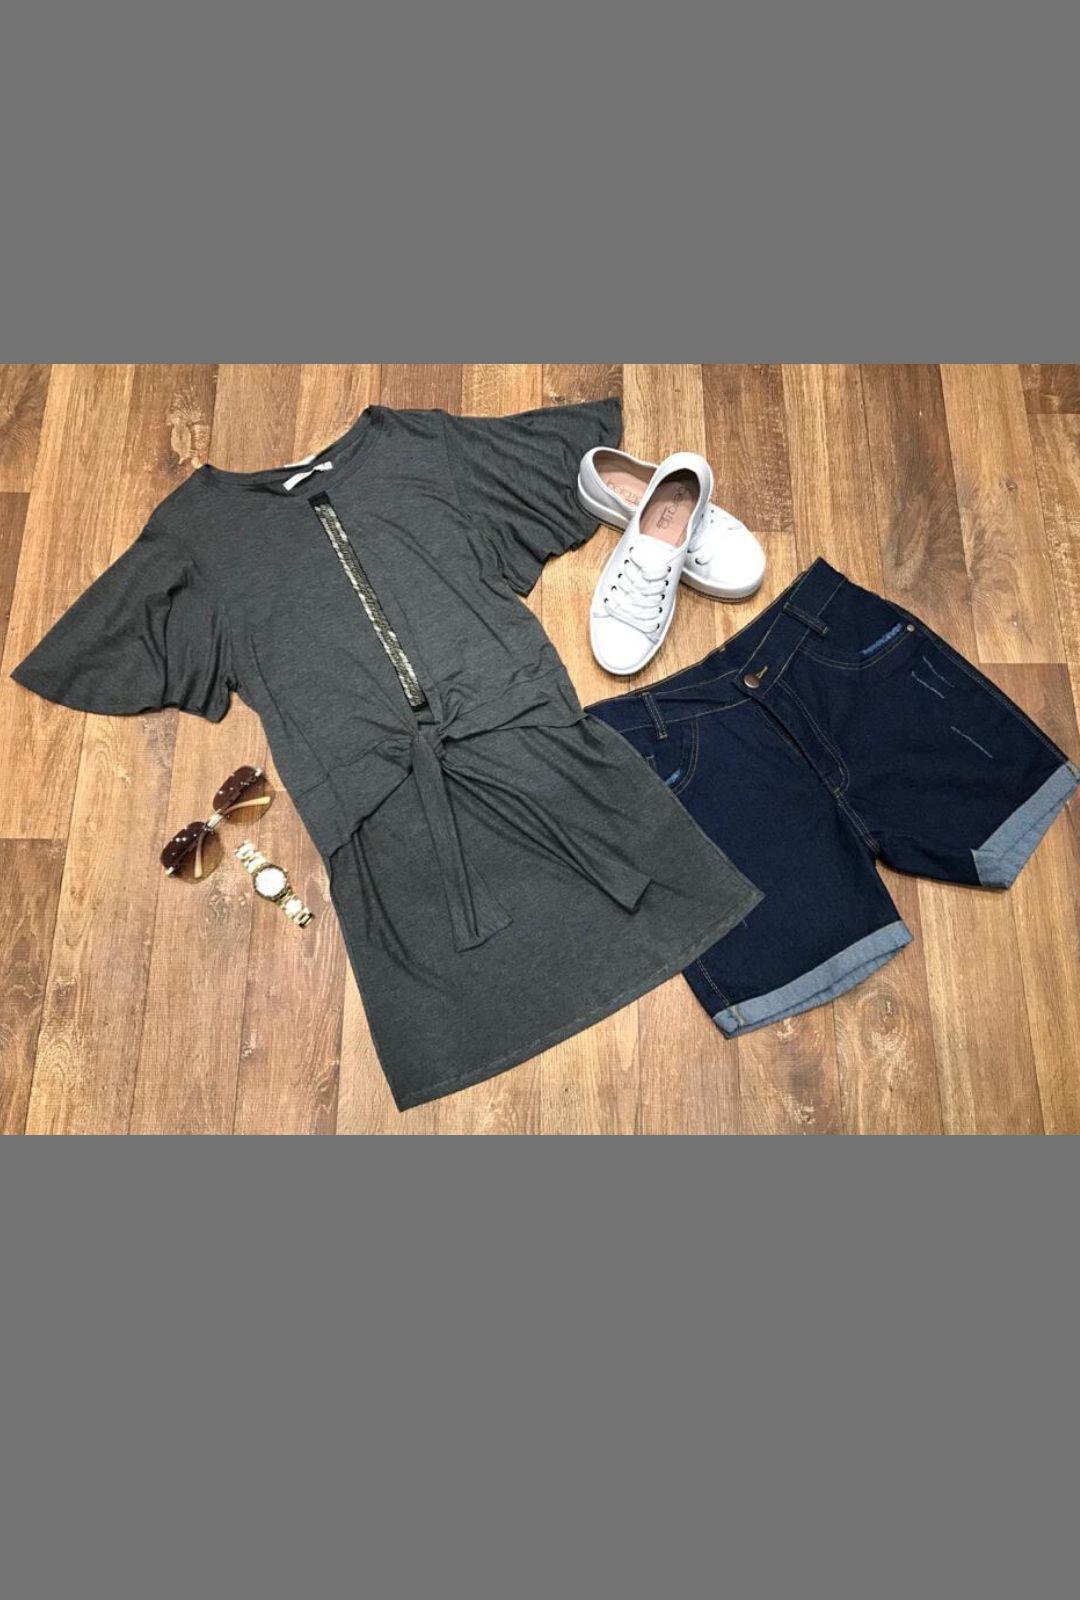 Veste Leg Fashion   - ModaStore   Moda Feminina